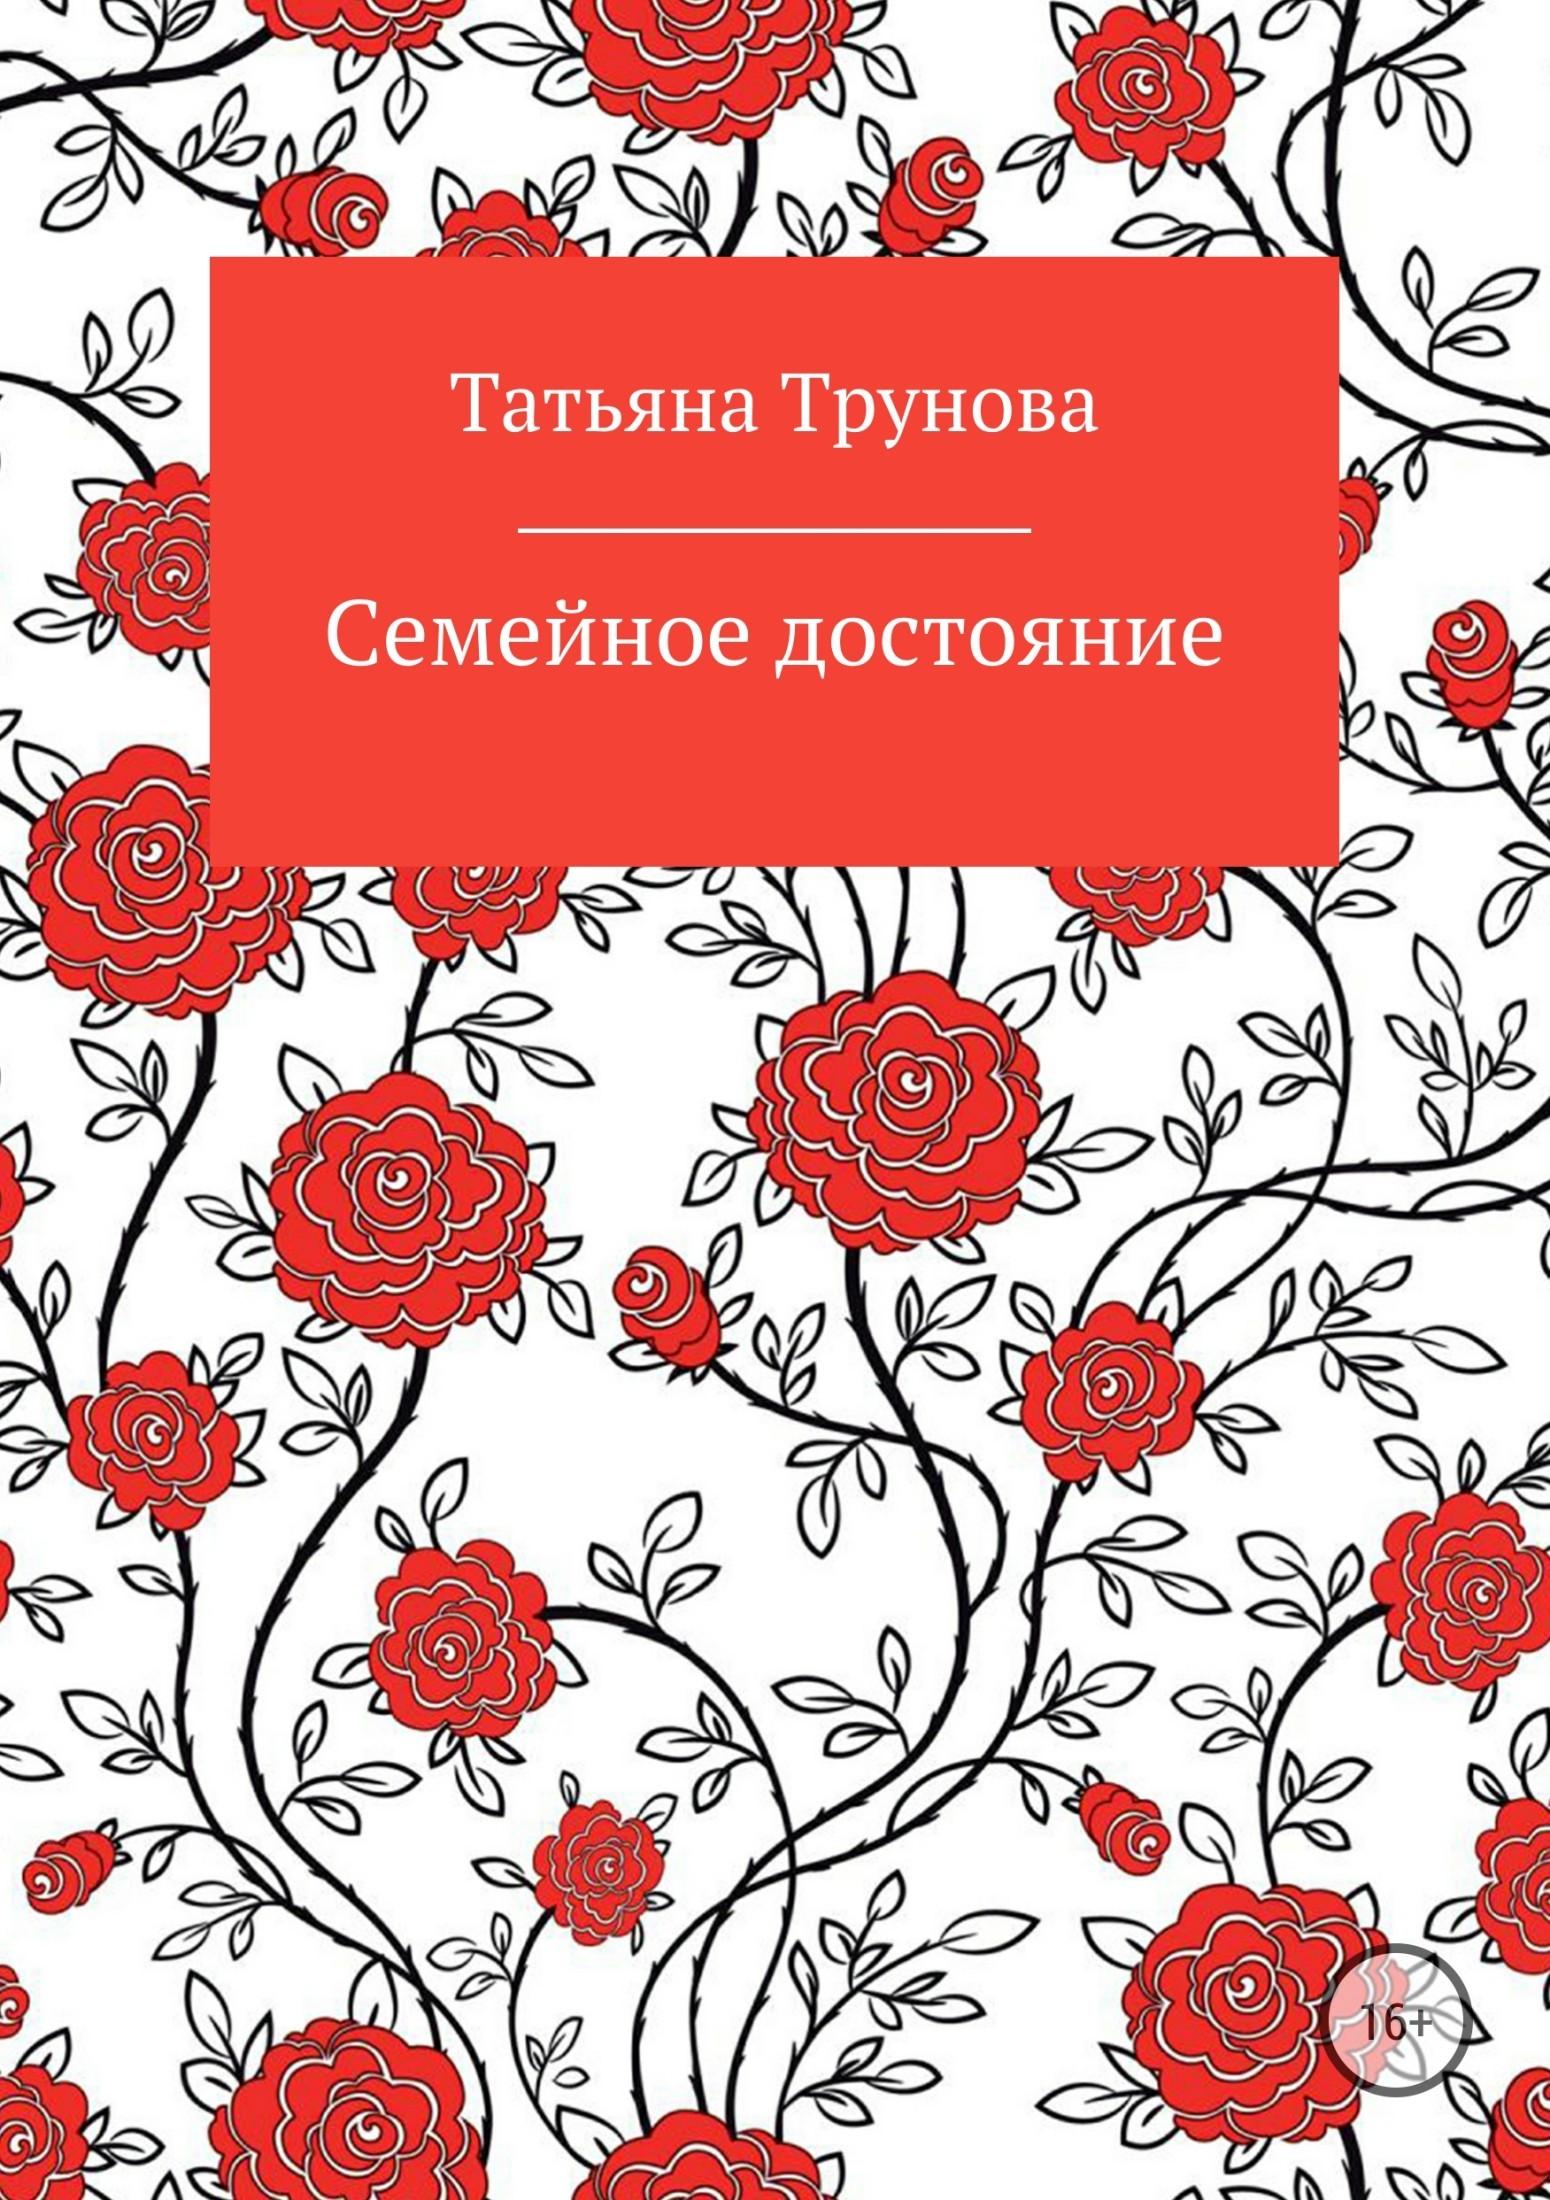 Татьяна Трунова Семейное достояние татьяна юрьевна трунова я останусь человеком